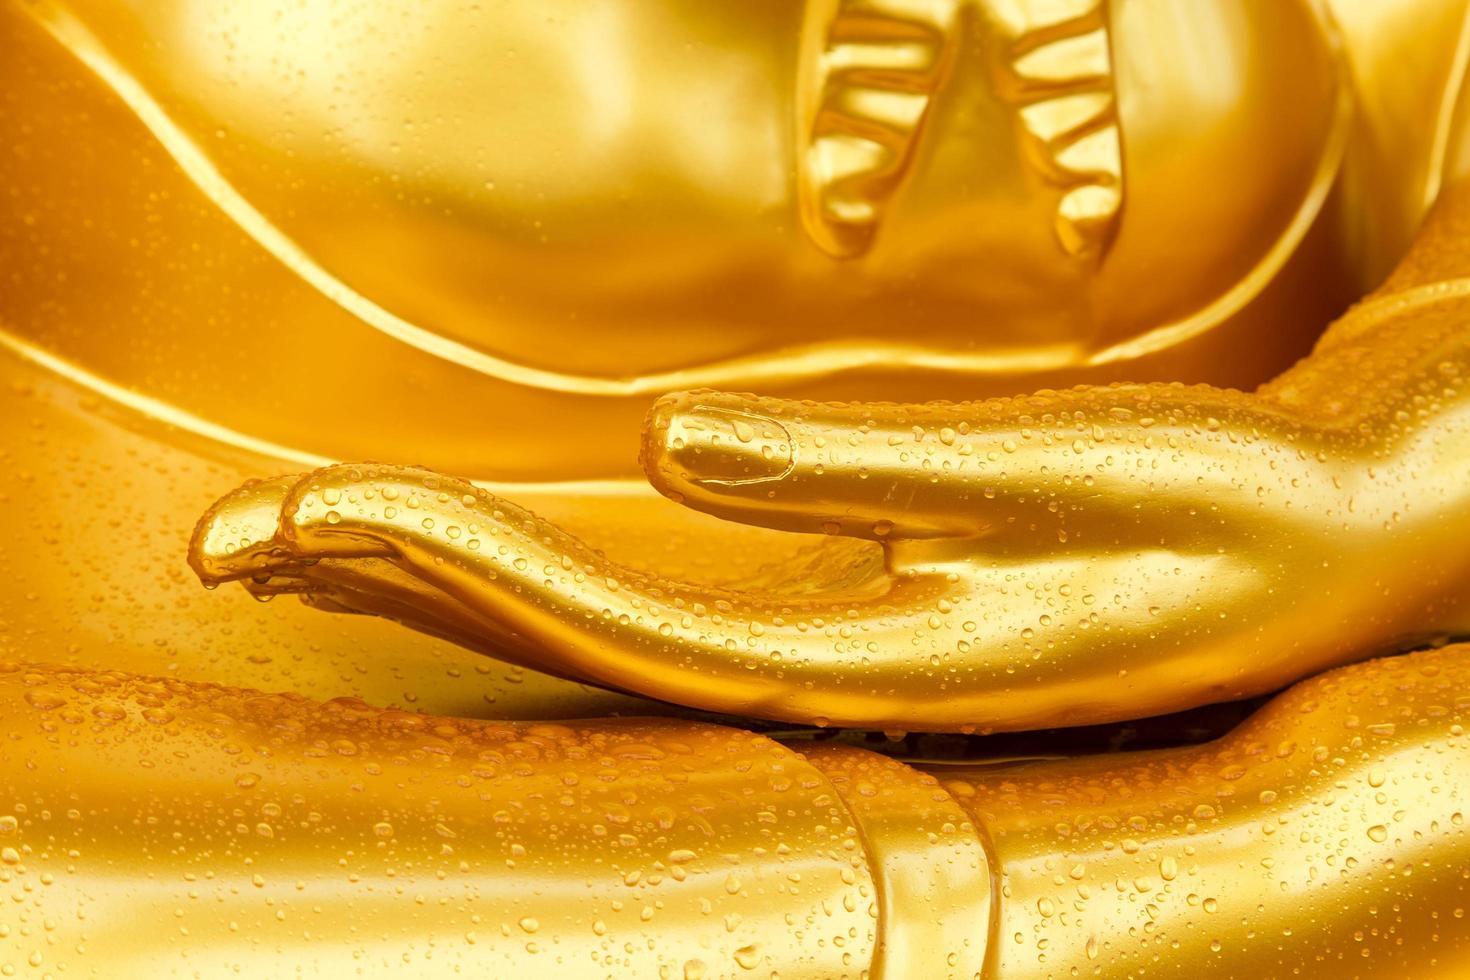 Tautropfen auf Buddhas Hand foto